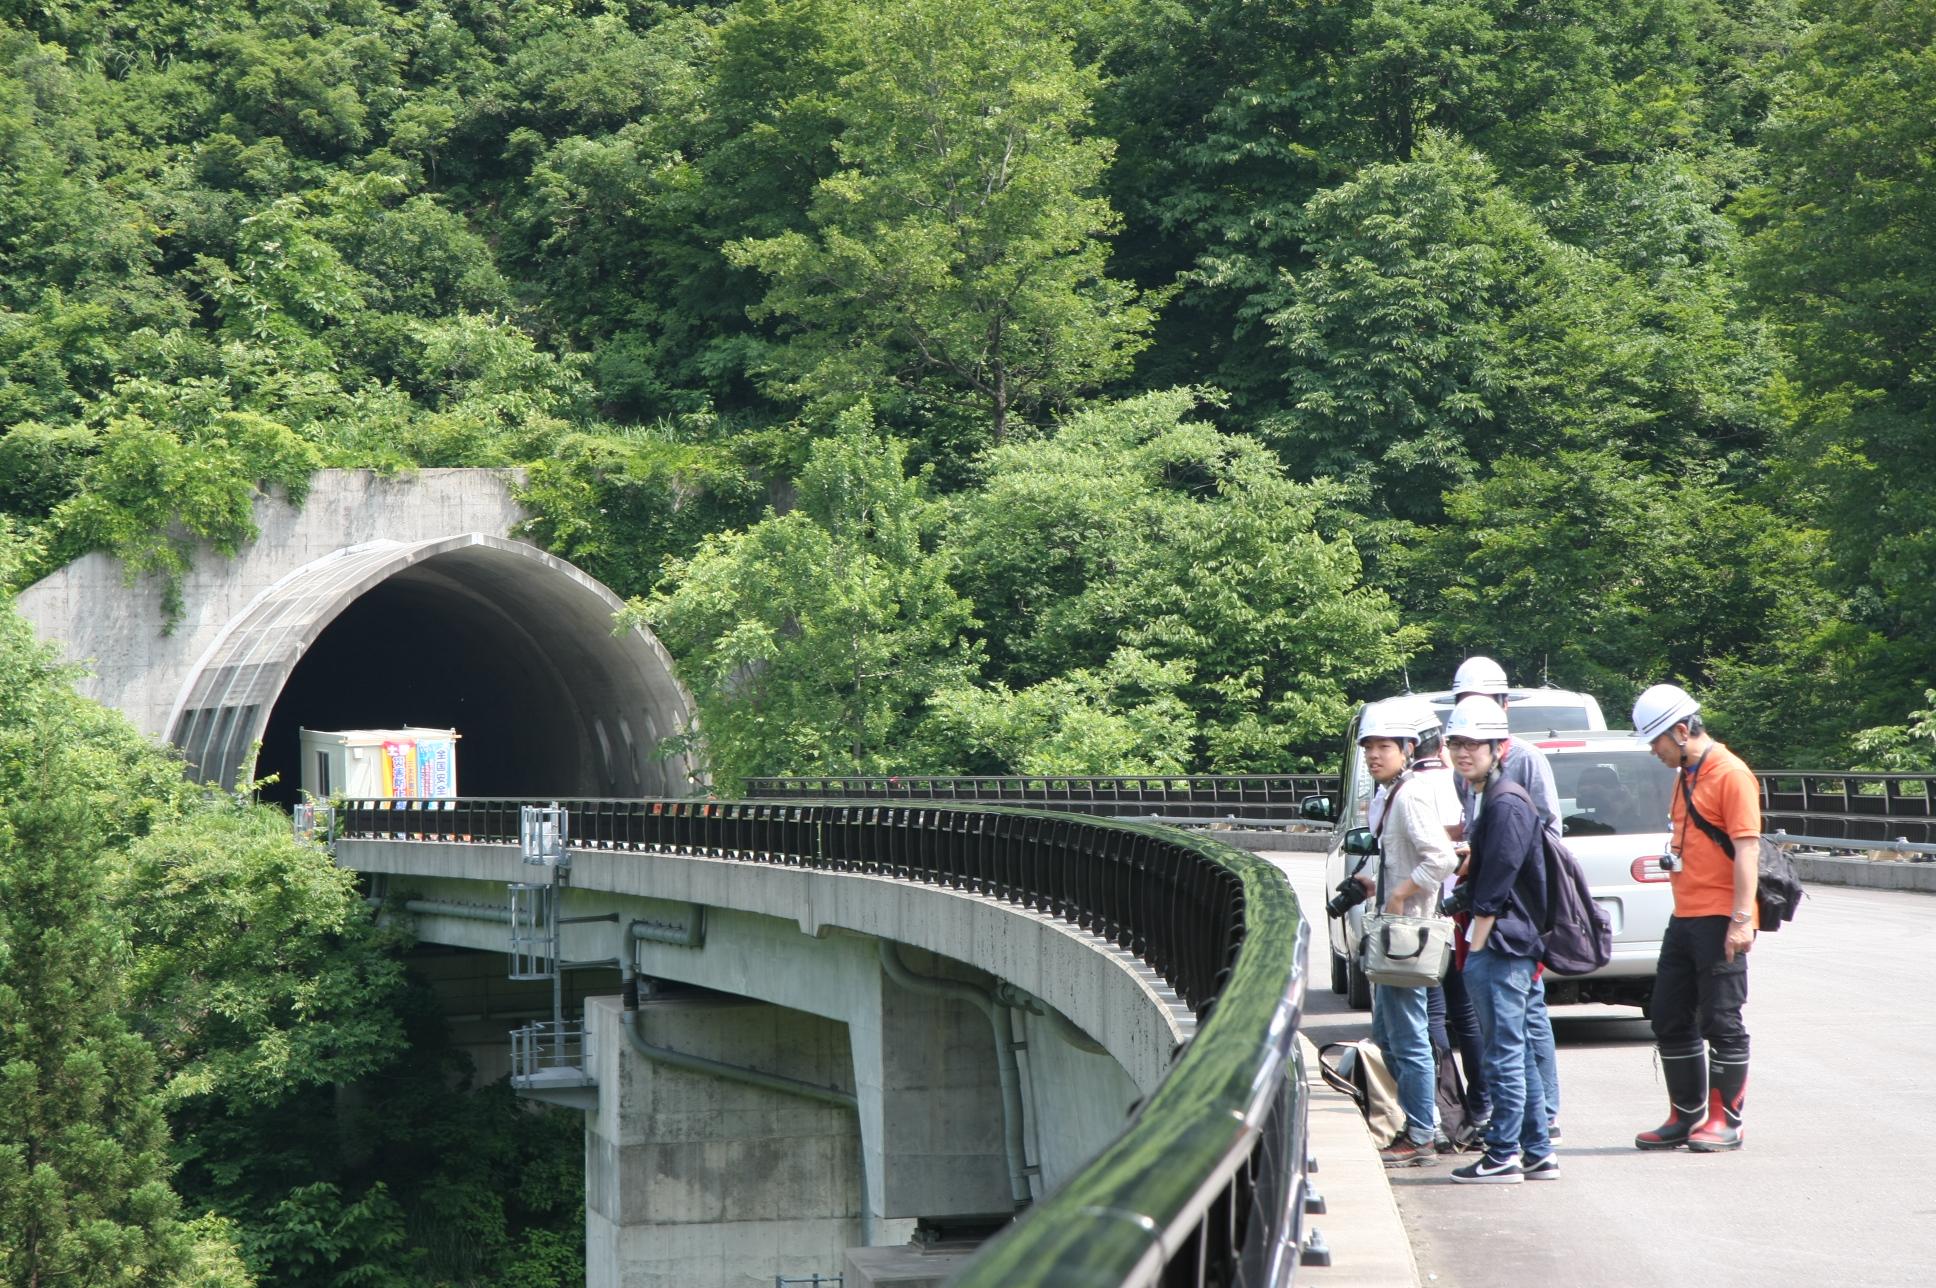 橋が完成したら、ここに車を停めて景色を眺めることはできません。 そんな景色を目に焼き付けている皆の写真です。